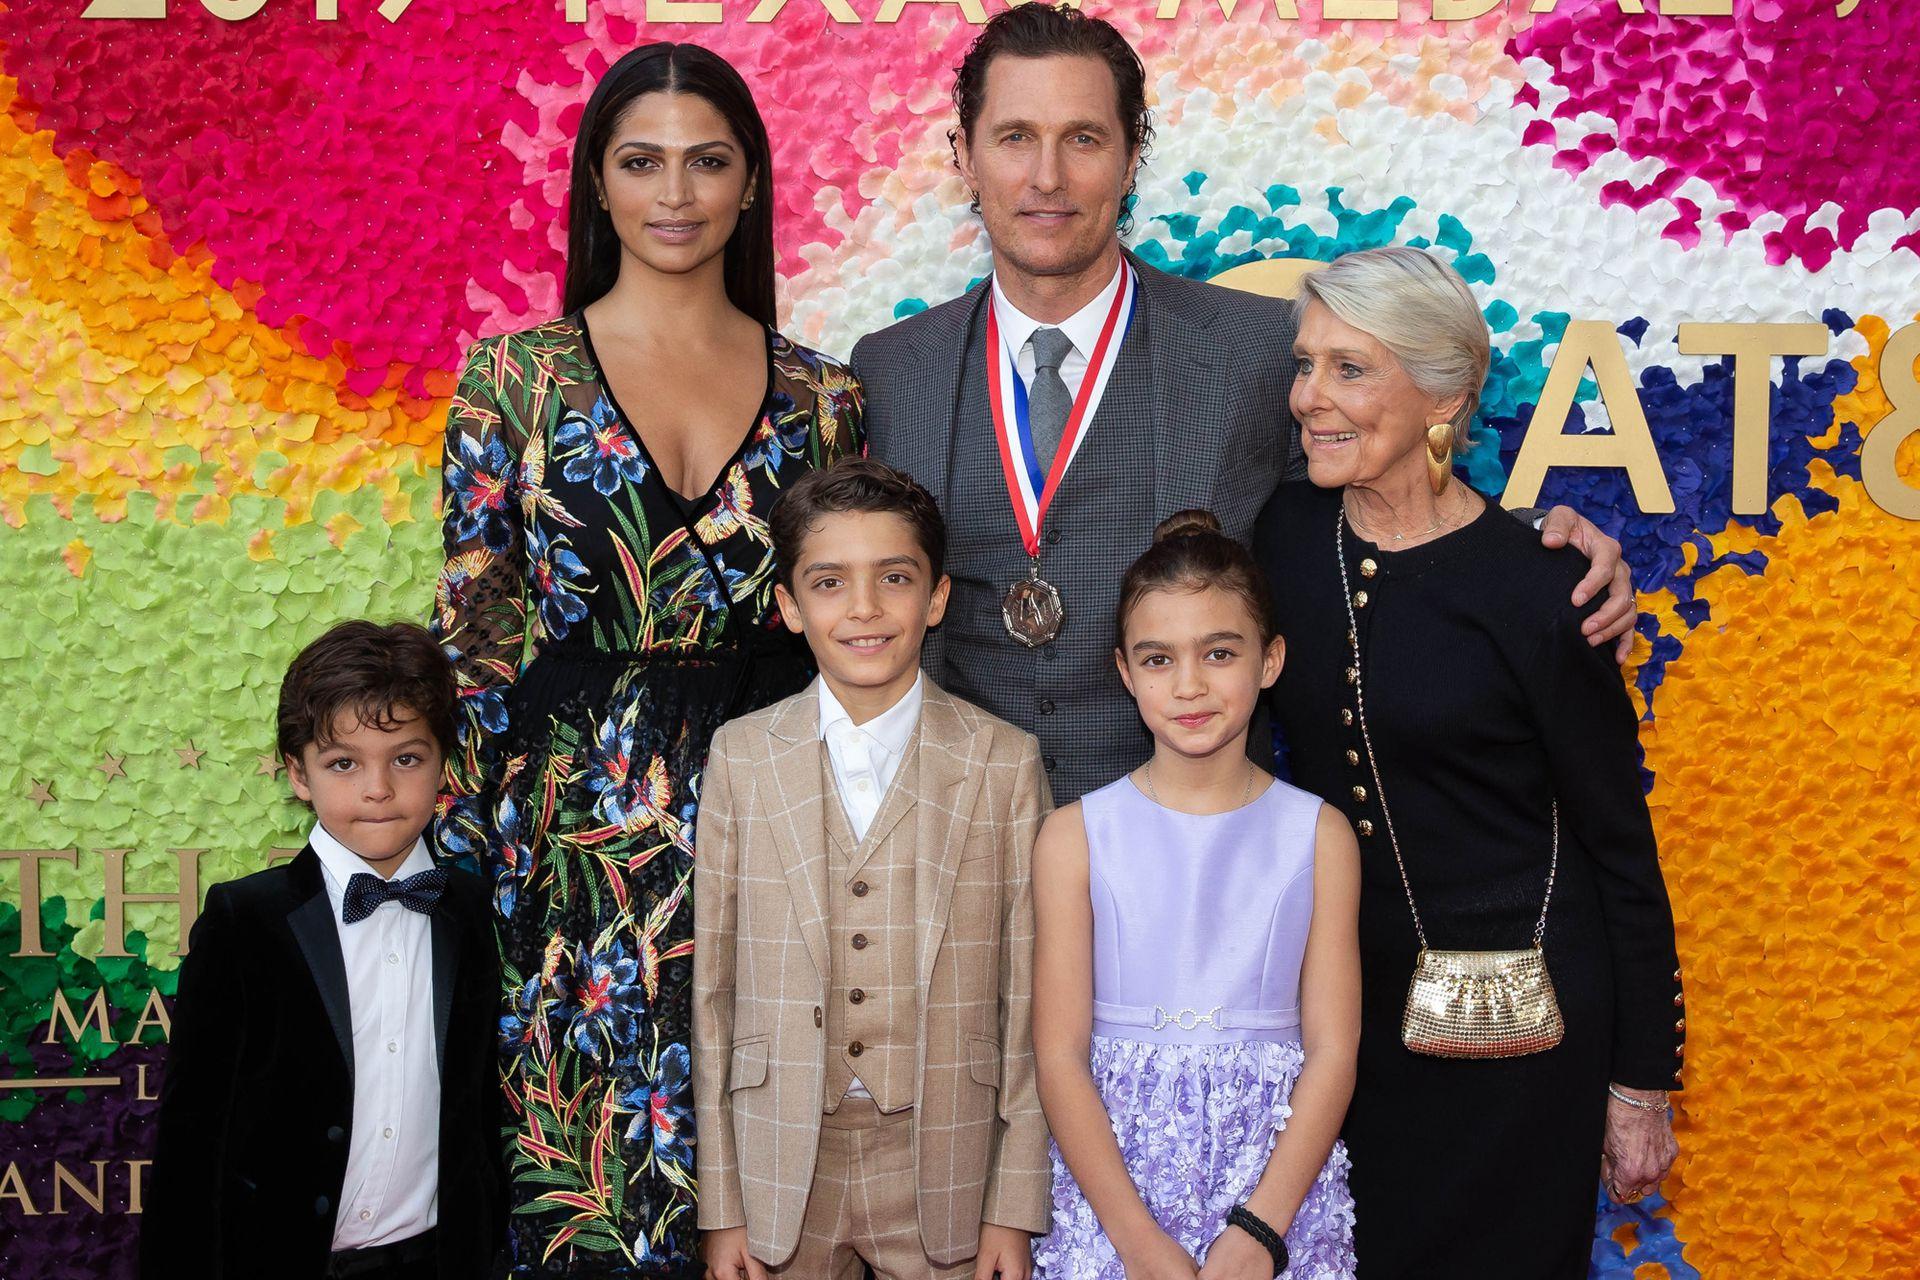 Matthew junto a Camila Alves y sus tes hijos: Levi, Vida y Livingston